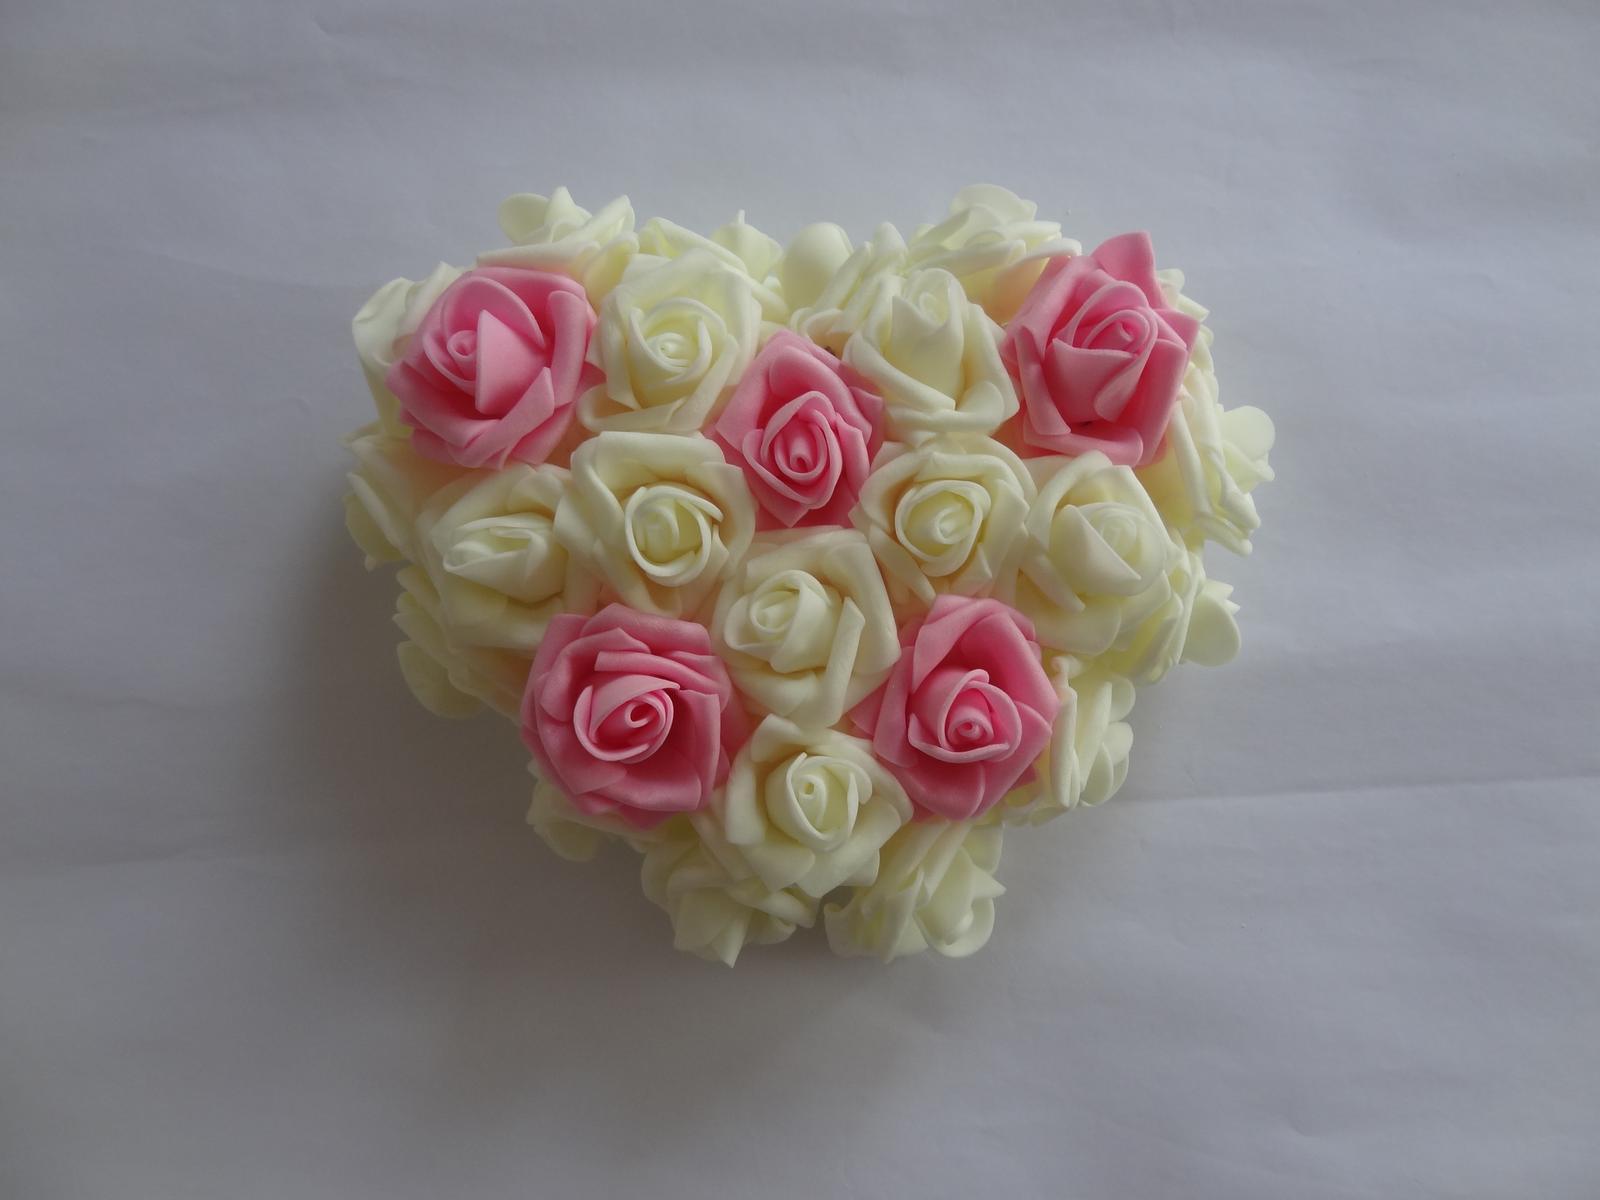 Srdíčko z pěnových růží - Obrázek č. 1